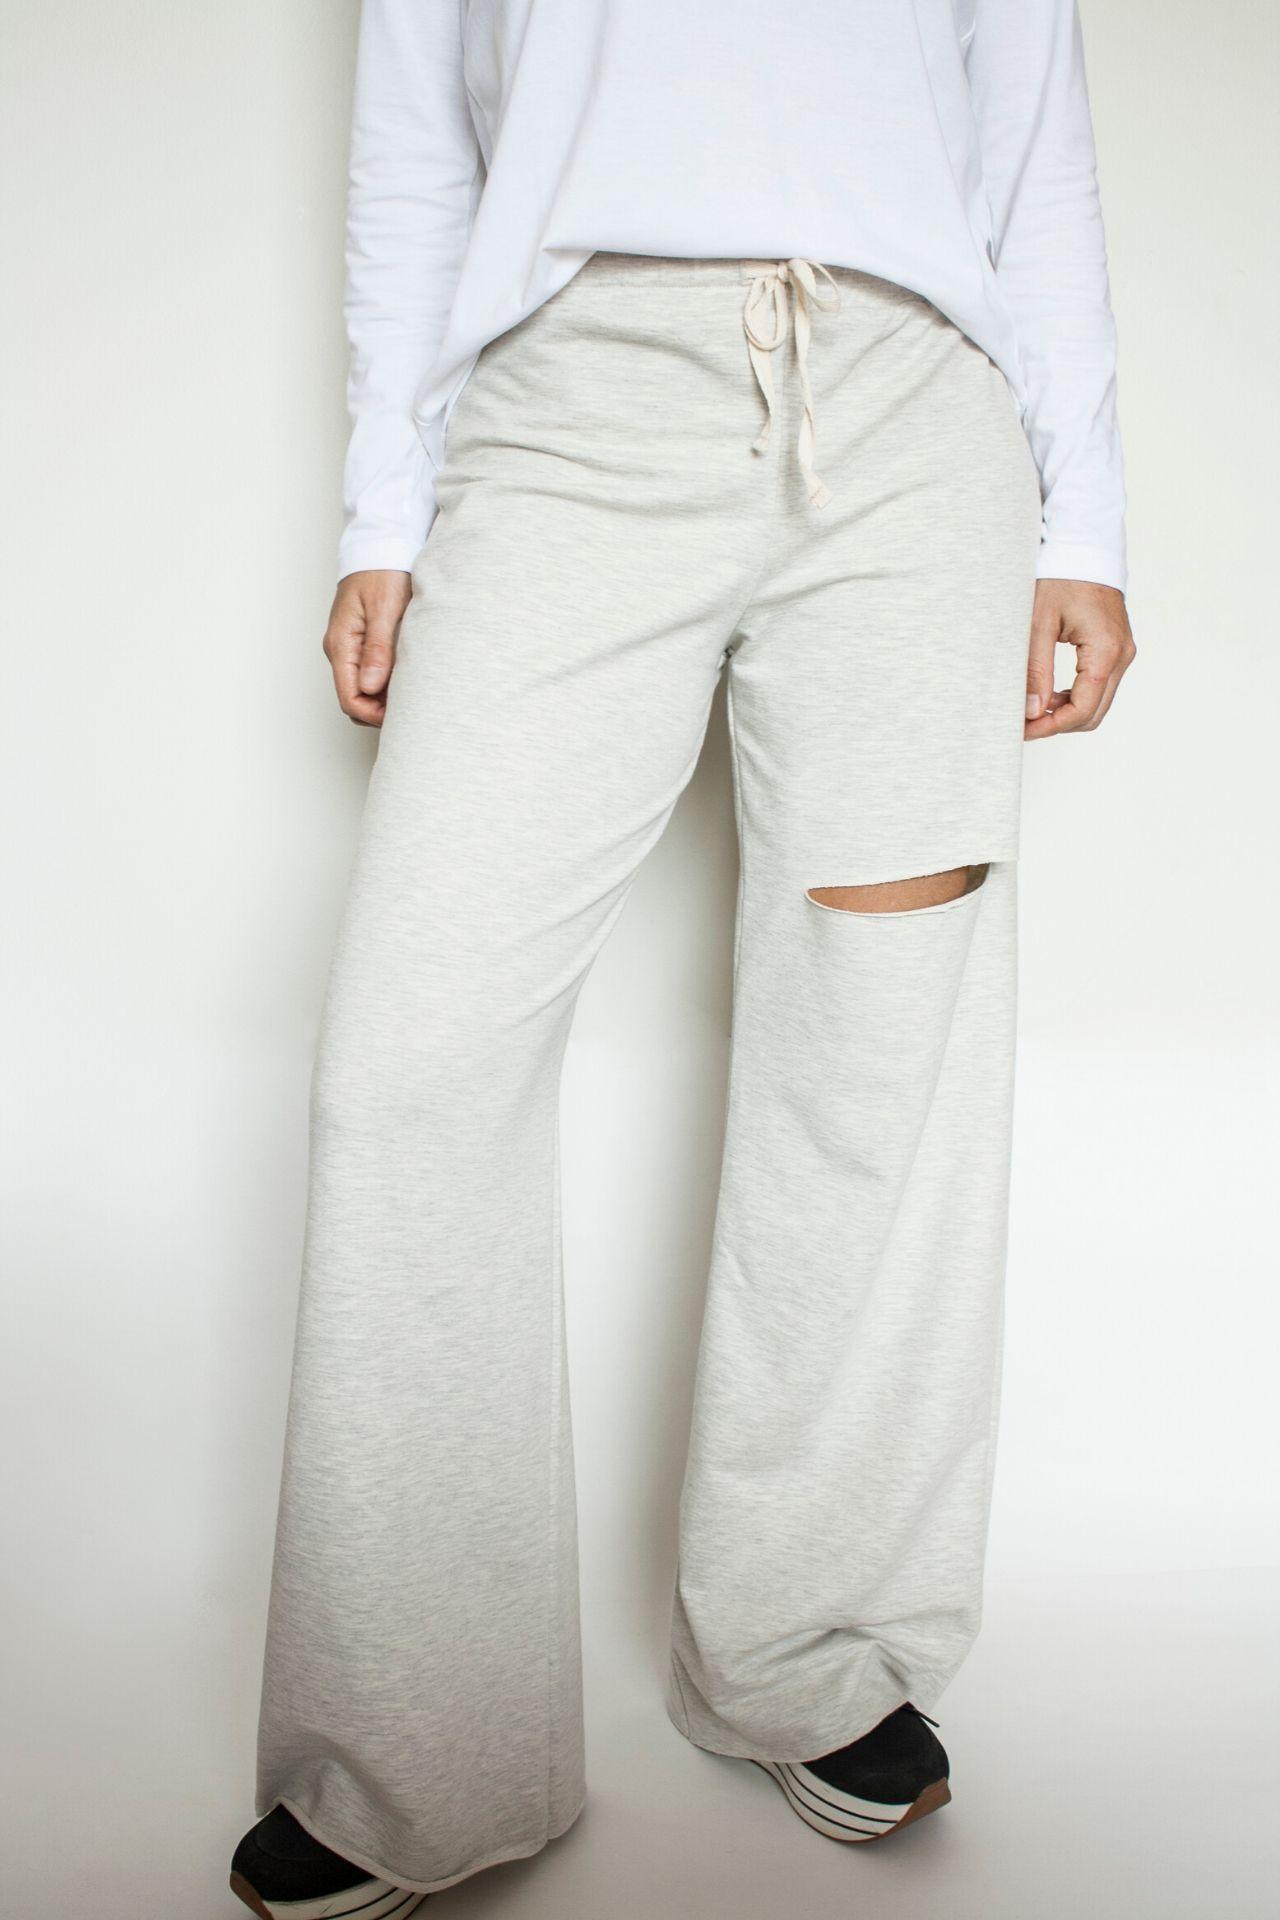 Pantalón de algodónFrench Terry, 96% algodón y 4% spandex.  La talla es standard, si estás entre una talla 28 a 32 de pantalón te quedará bien, tiene un elástico a la cintura que se amolda al cuerpo.